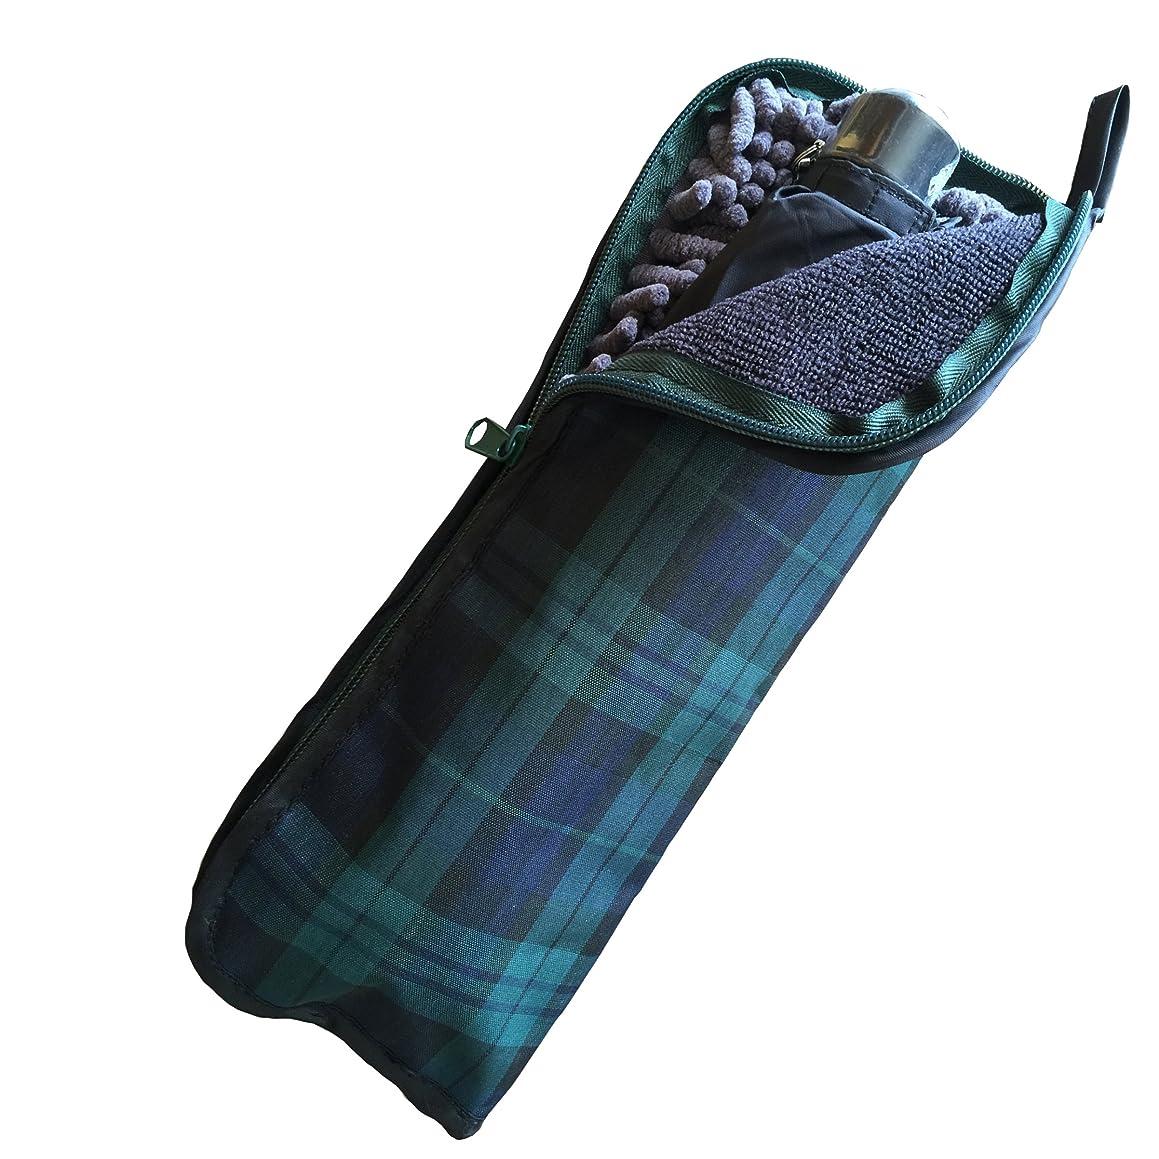 民間人何よりもトマトMOCOCO 折りたたみ傘 ケース 折り畳み傘 傘カバー 吸水 マイクロファイバー 傘カバー 軽量 34cm